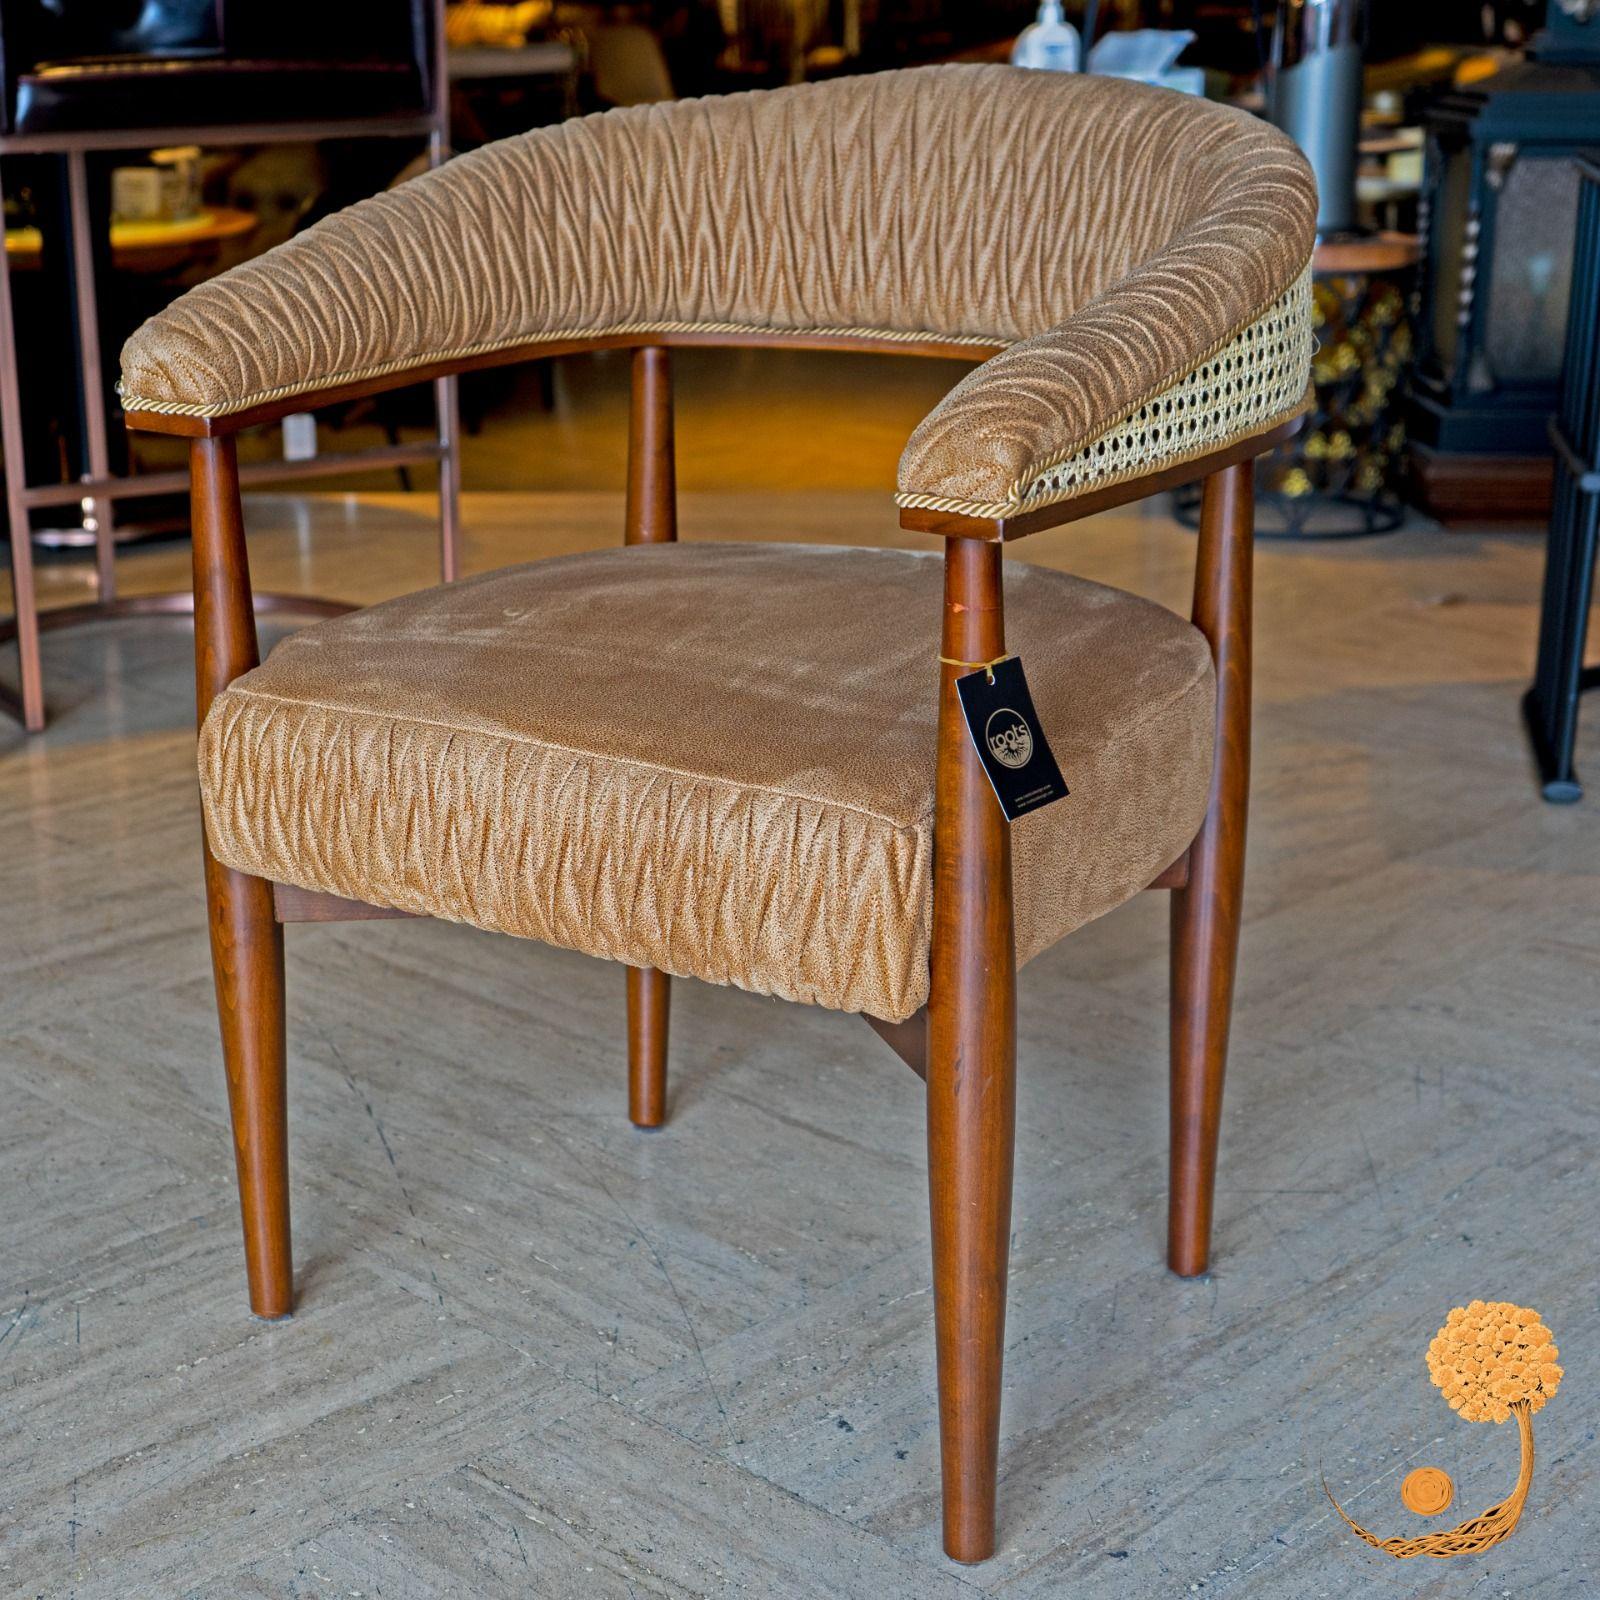 Heritage Design Sandalye Modelleri Tasarim Urunler 2020 Tasarim Sandalye Mobilya